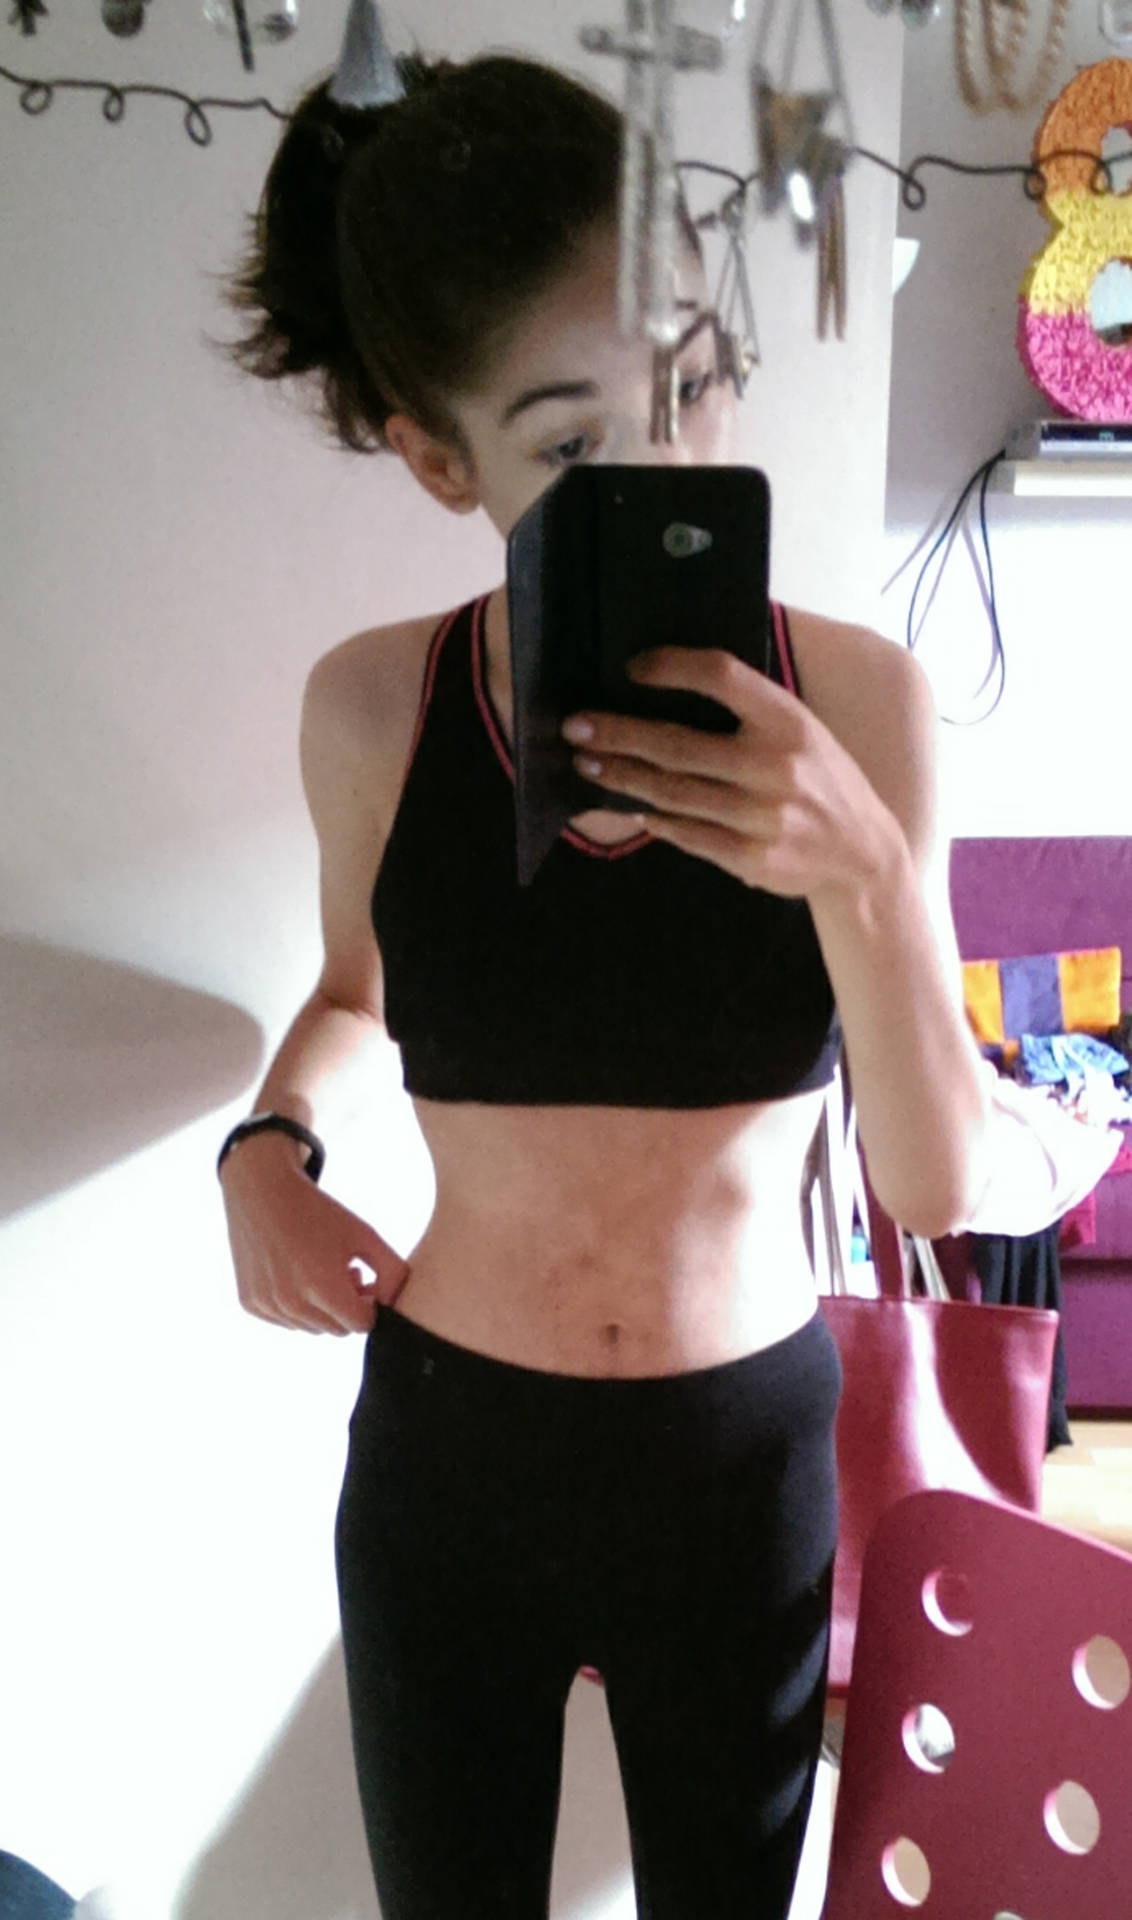 Bauch magersucht dicker Dicker Bauch